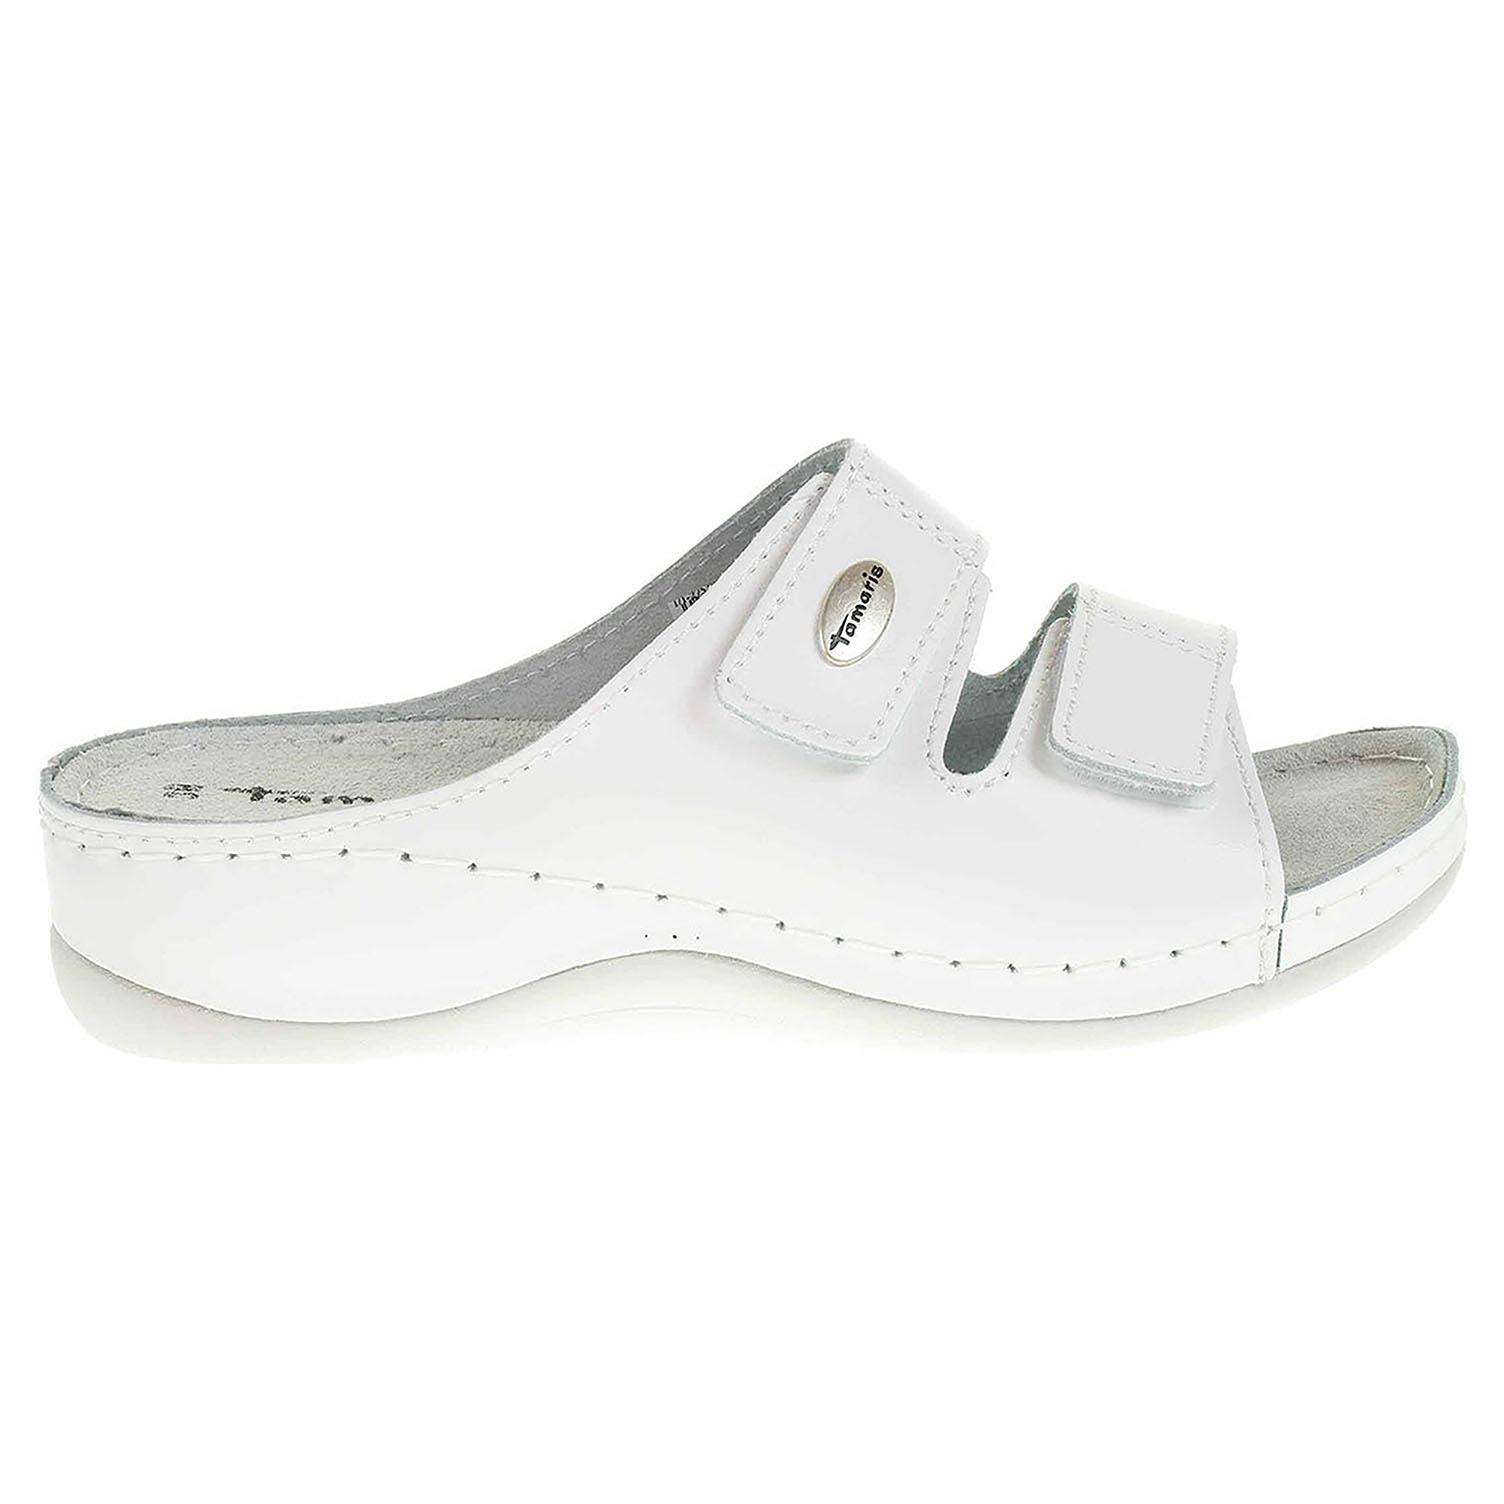 Ecco Tamaris dámské pantofle 1-27510-28 bílé 23400230